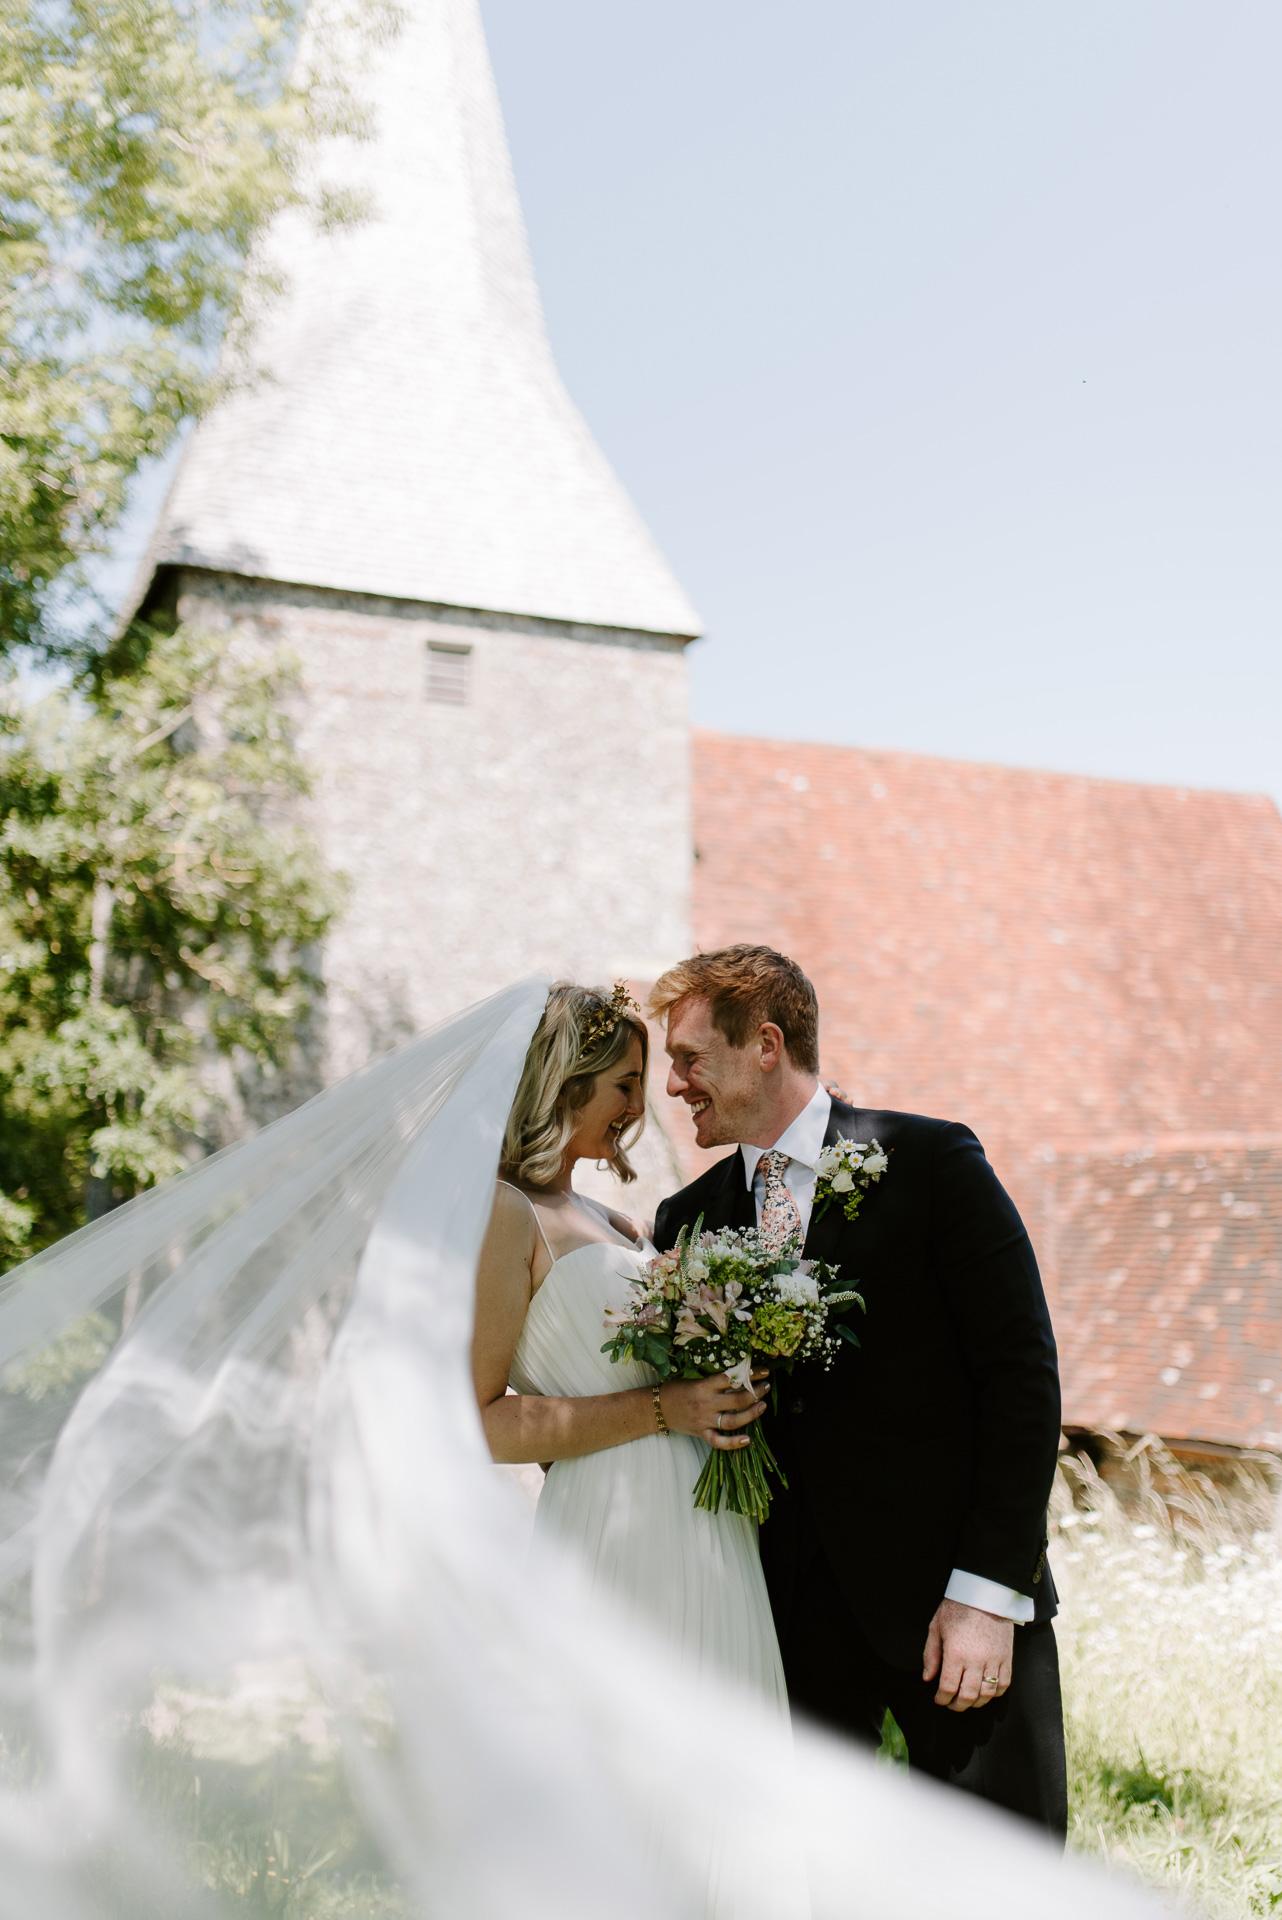 Henny_Jamie_East Sussex_Wedding_35.jpg